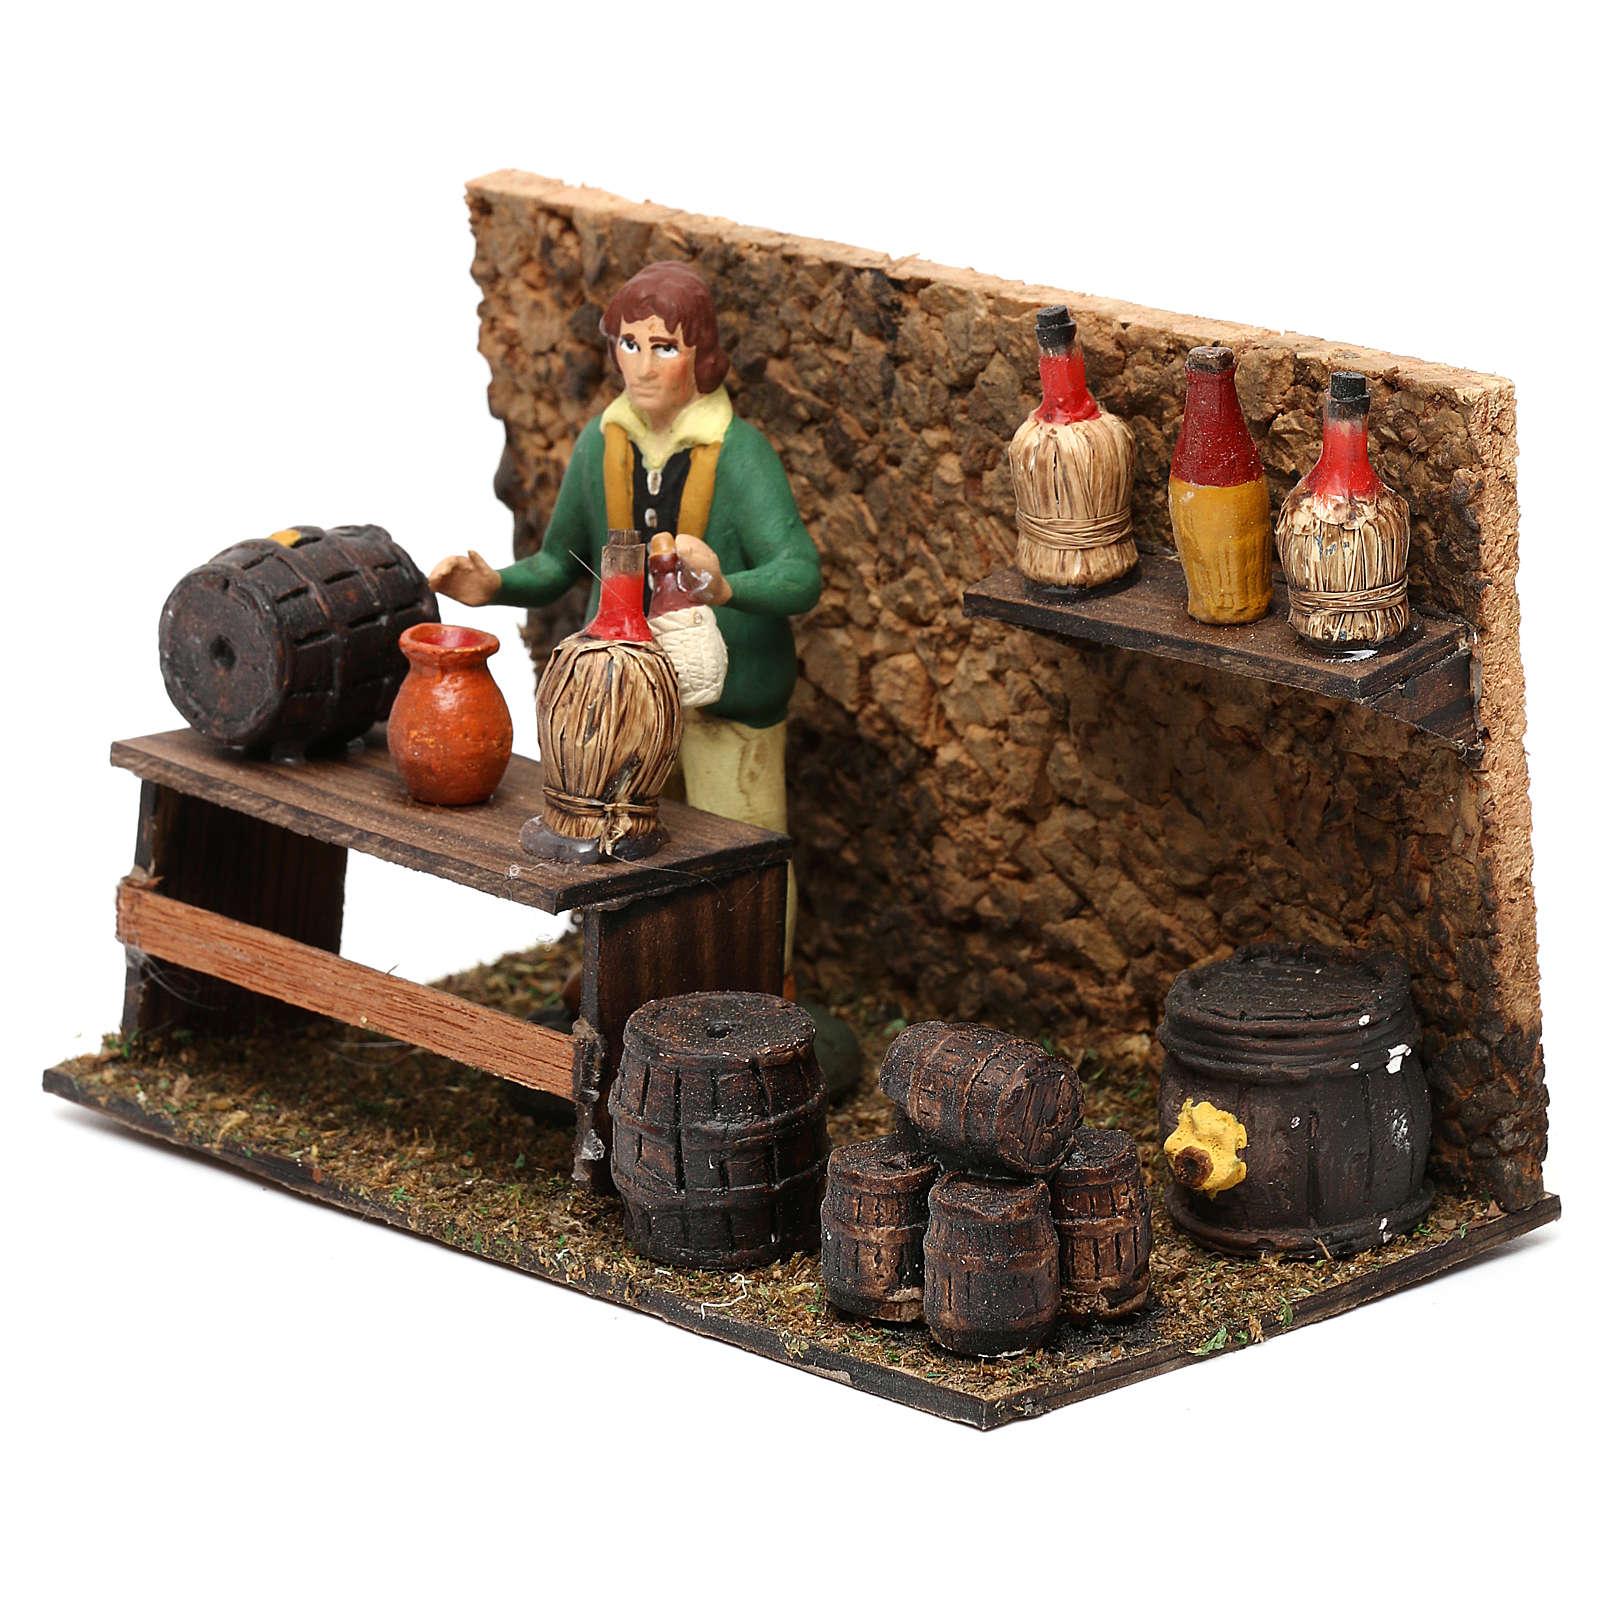 Wine shop for Neapolitan Nativity scene 8 cm 4